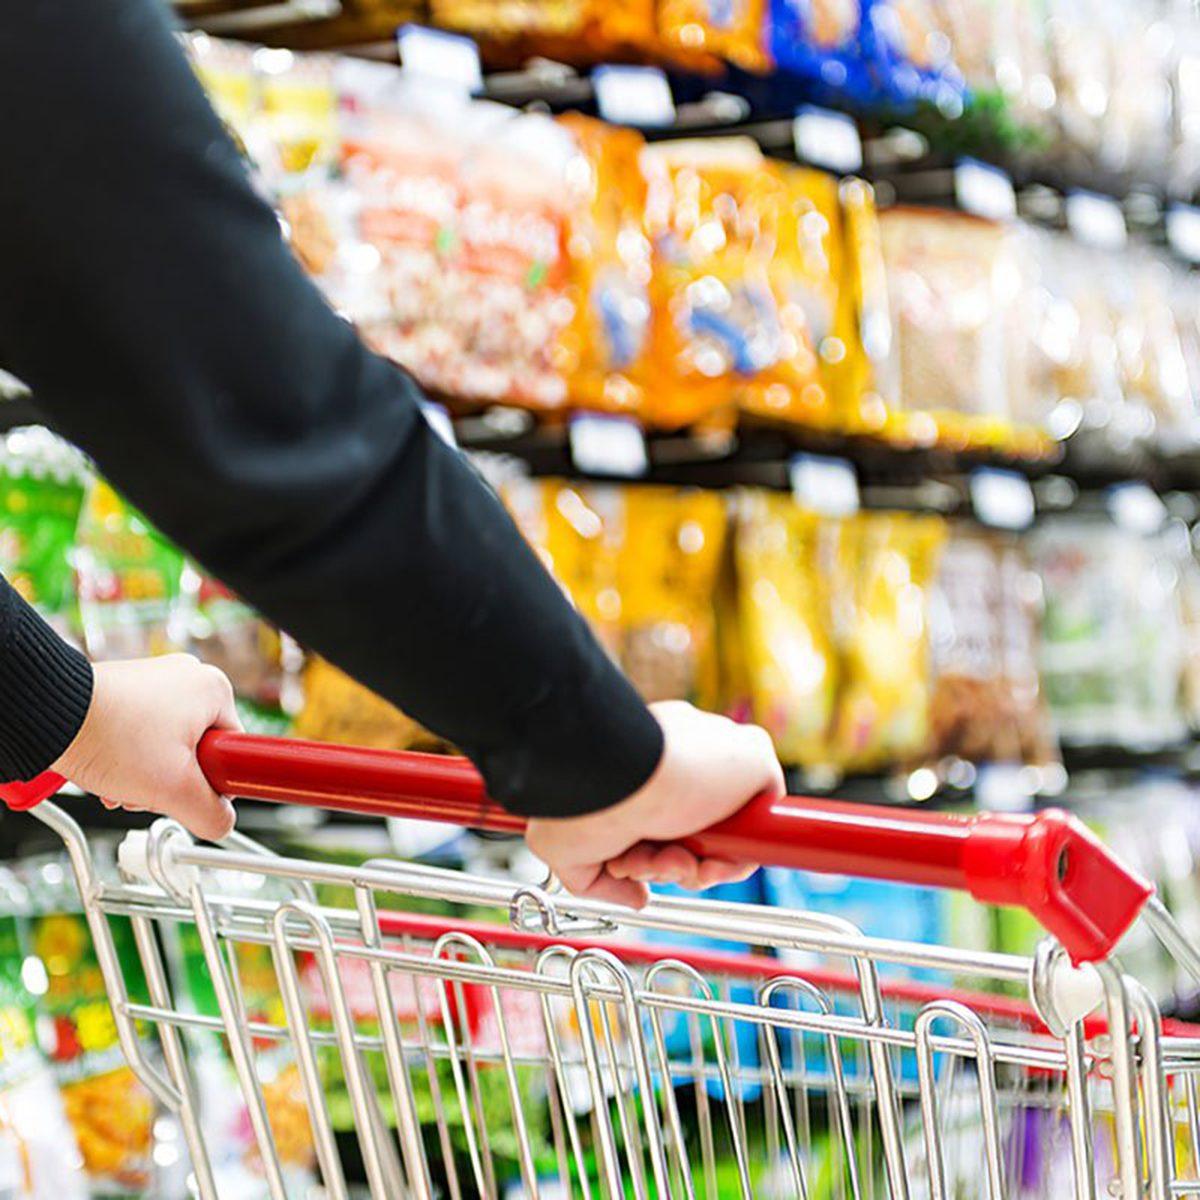 Person pushing a shopping cart